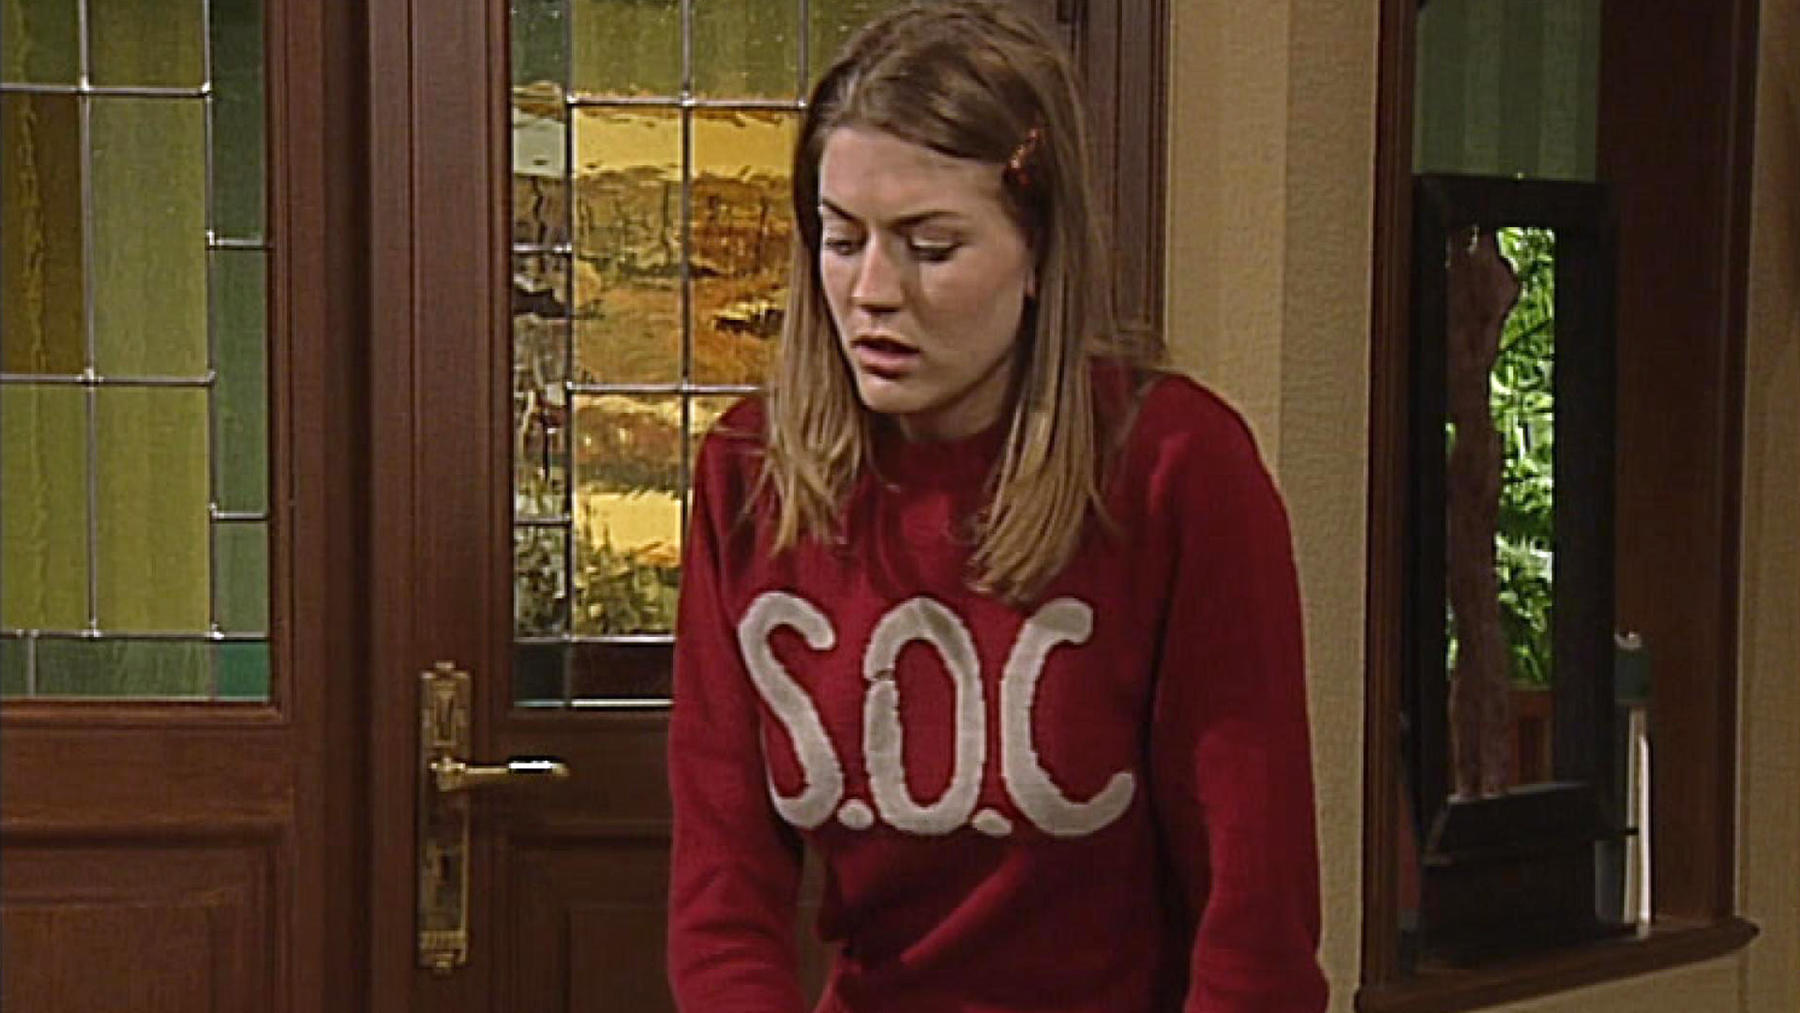 Cora täuscht mal wieder einen Schwächeanfall vor